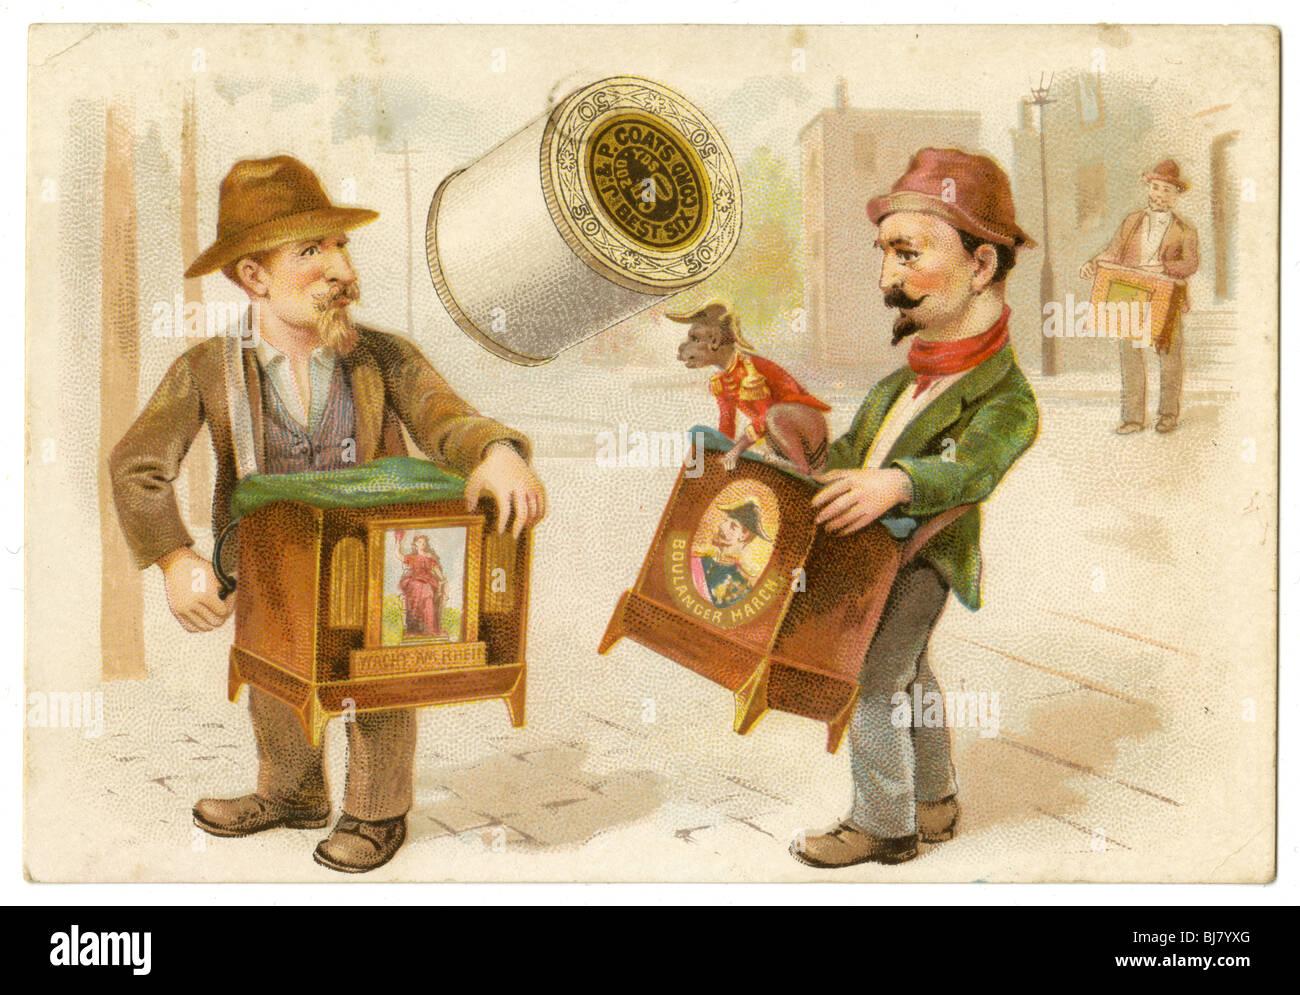 En 1890 Victoriano tarjeta comercial de J&P Coats rosca. Amoladoras de órgano con el mono. Imagen De Stock